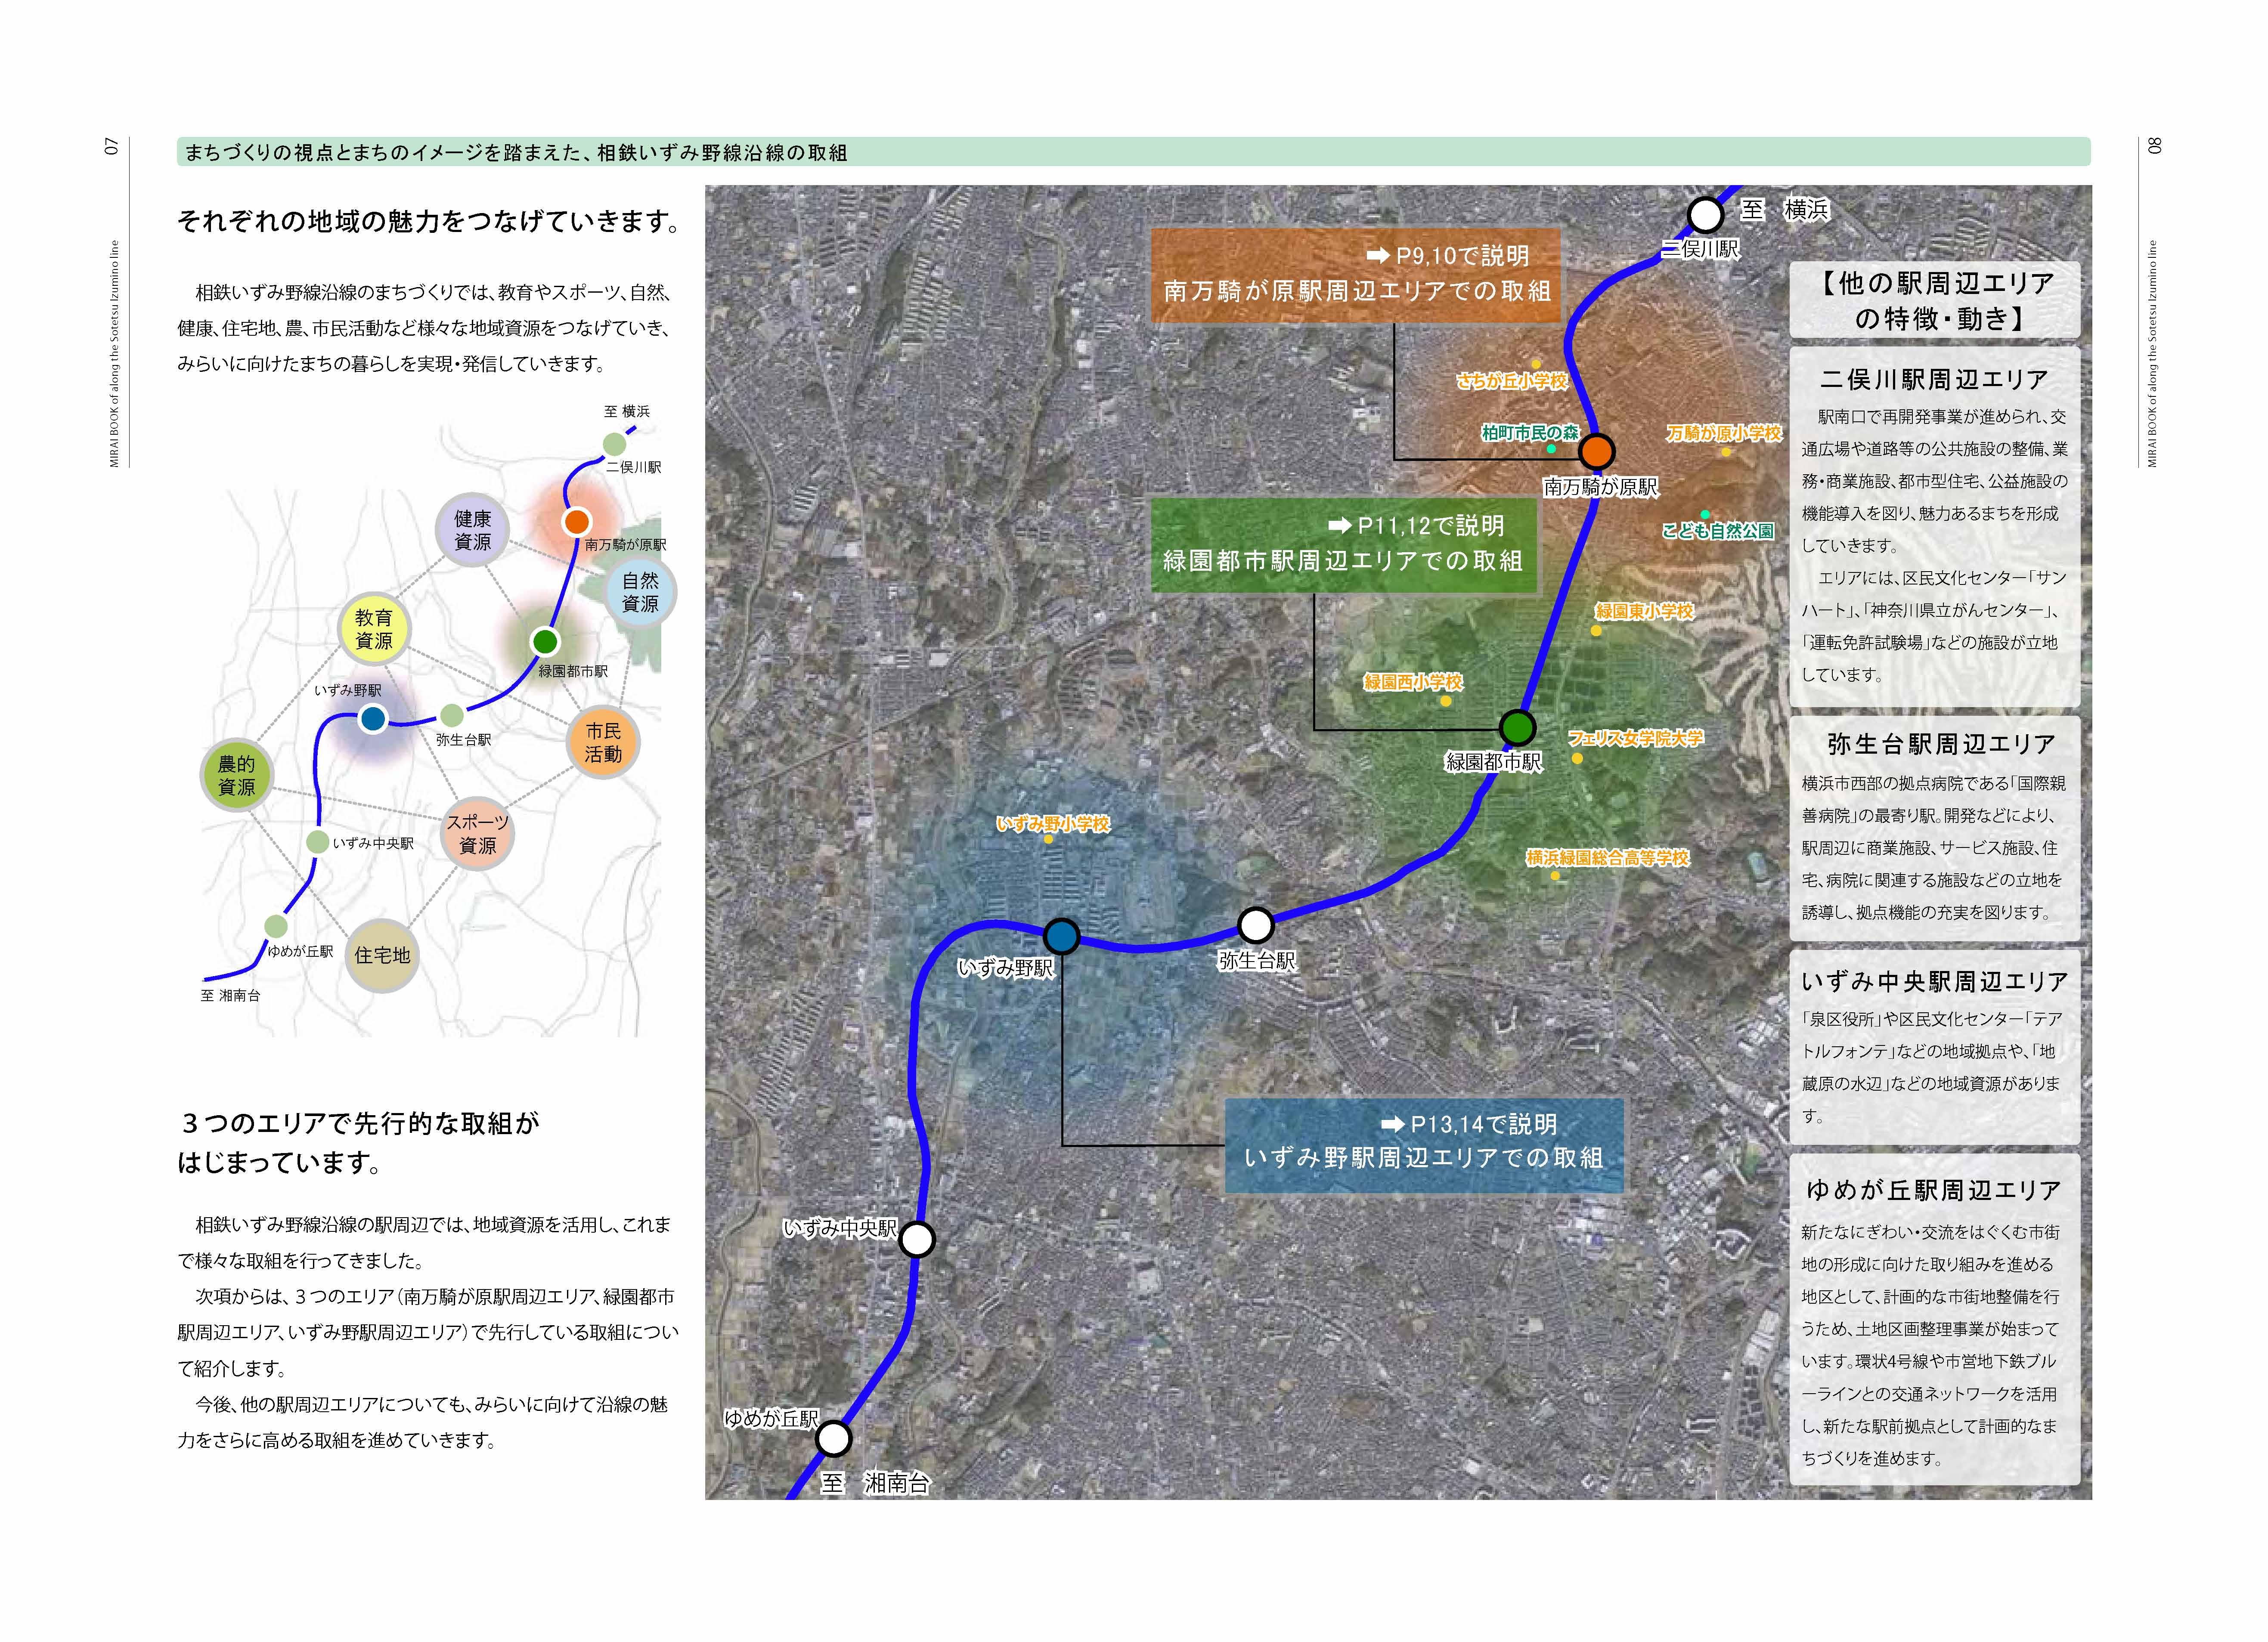 【相鉄いずみ野線沿線 環境未来都市 みらいに向けたまちづくりイメージブック2015】